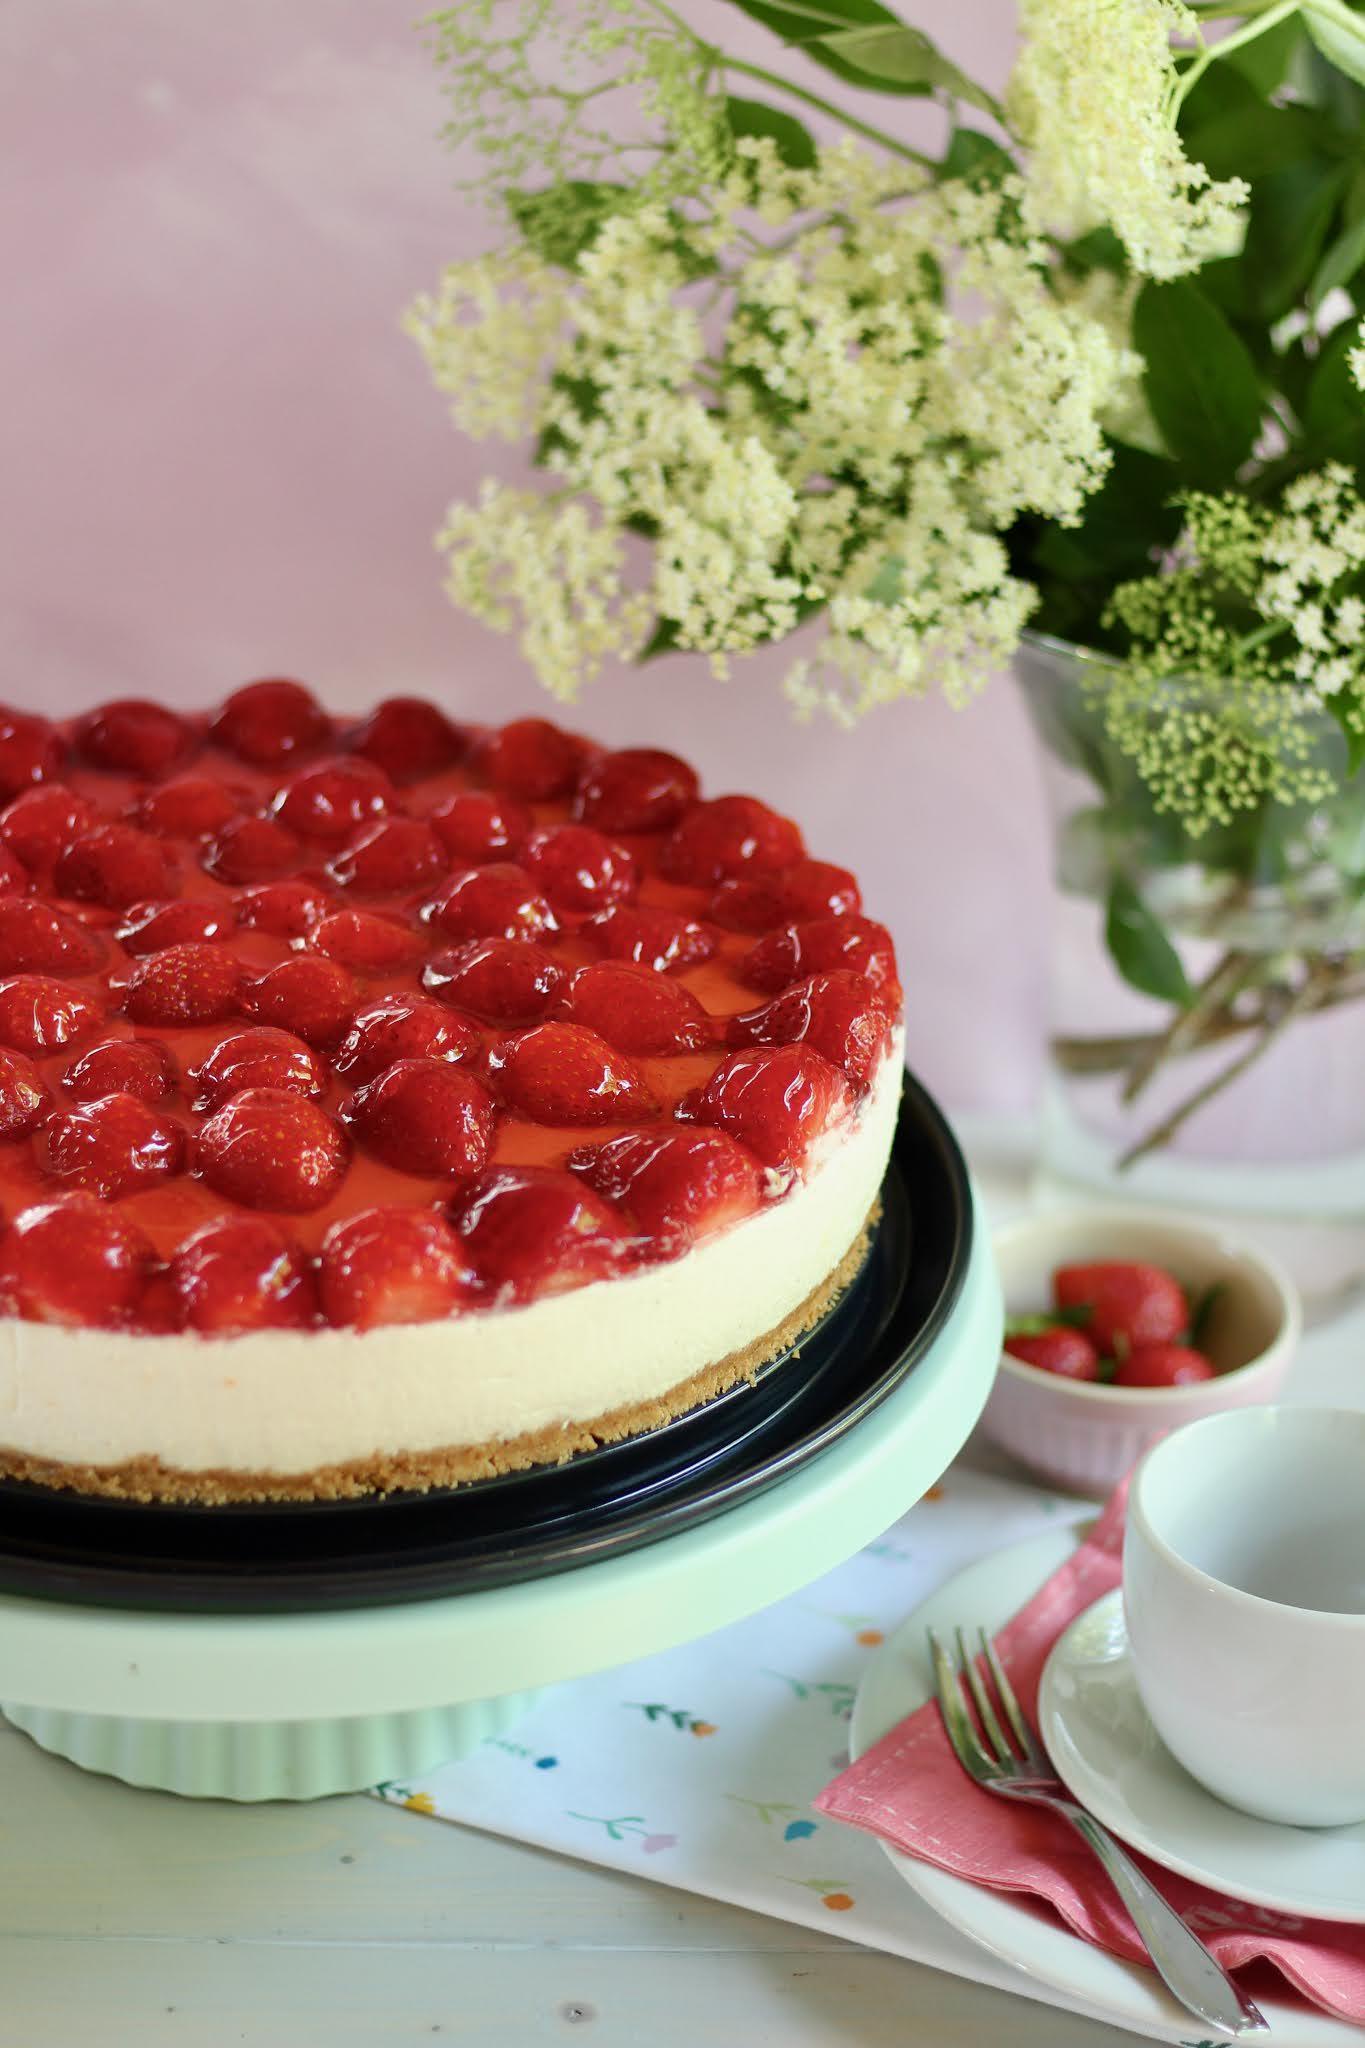 Leckere, schnelle Erdbeer-Holunderblüten-Torte ohne Backen: Super einfach! Rezept und Video von Sugarprincess